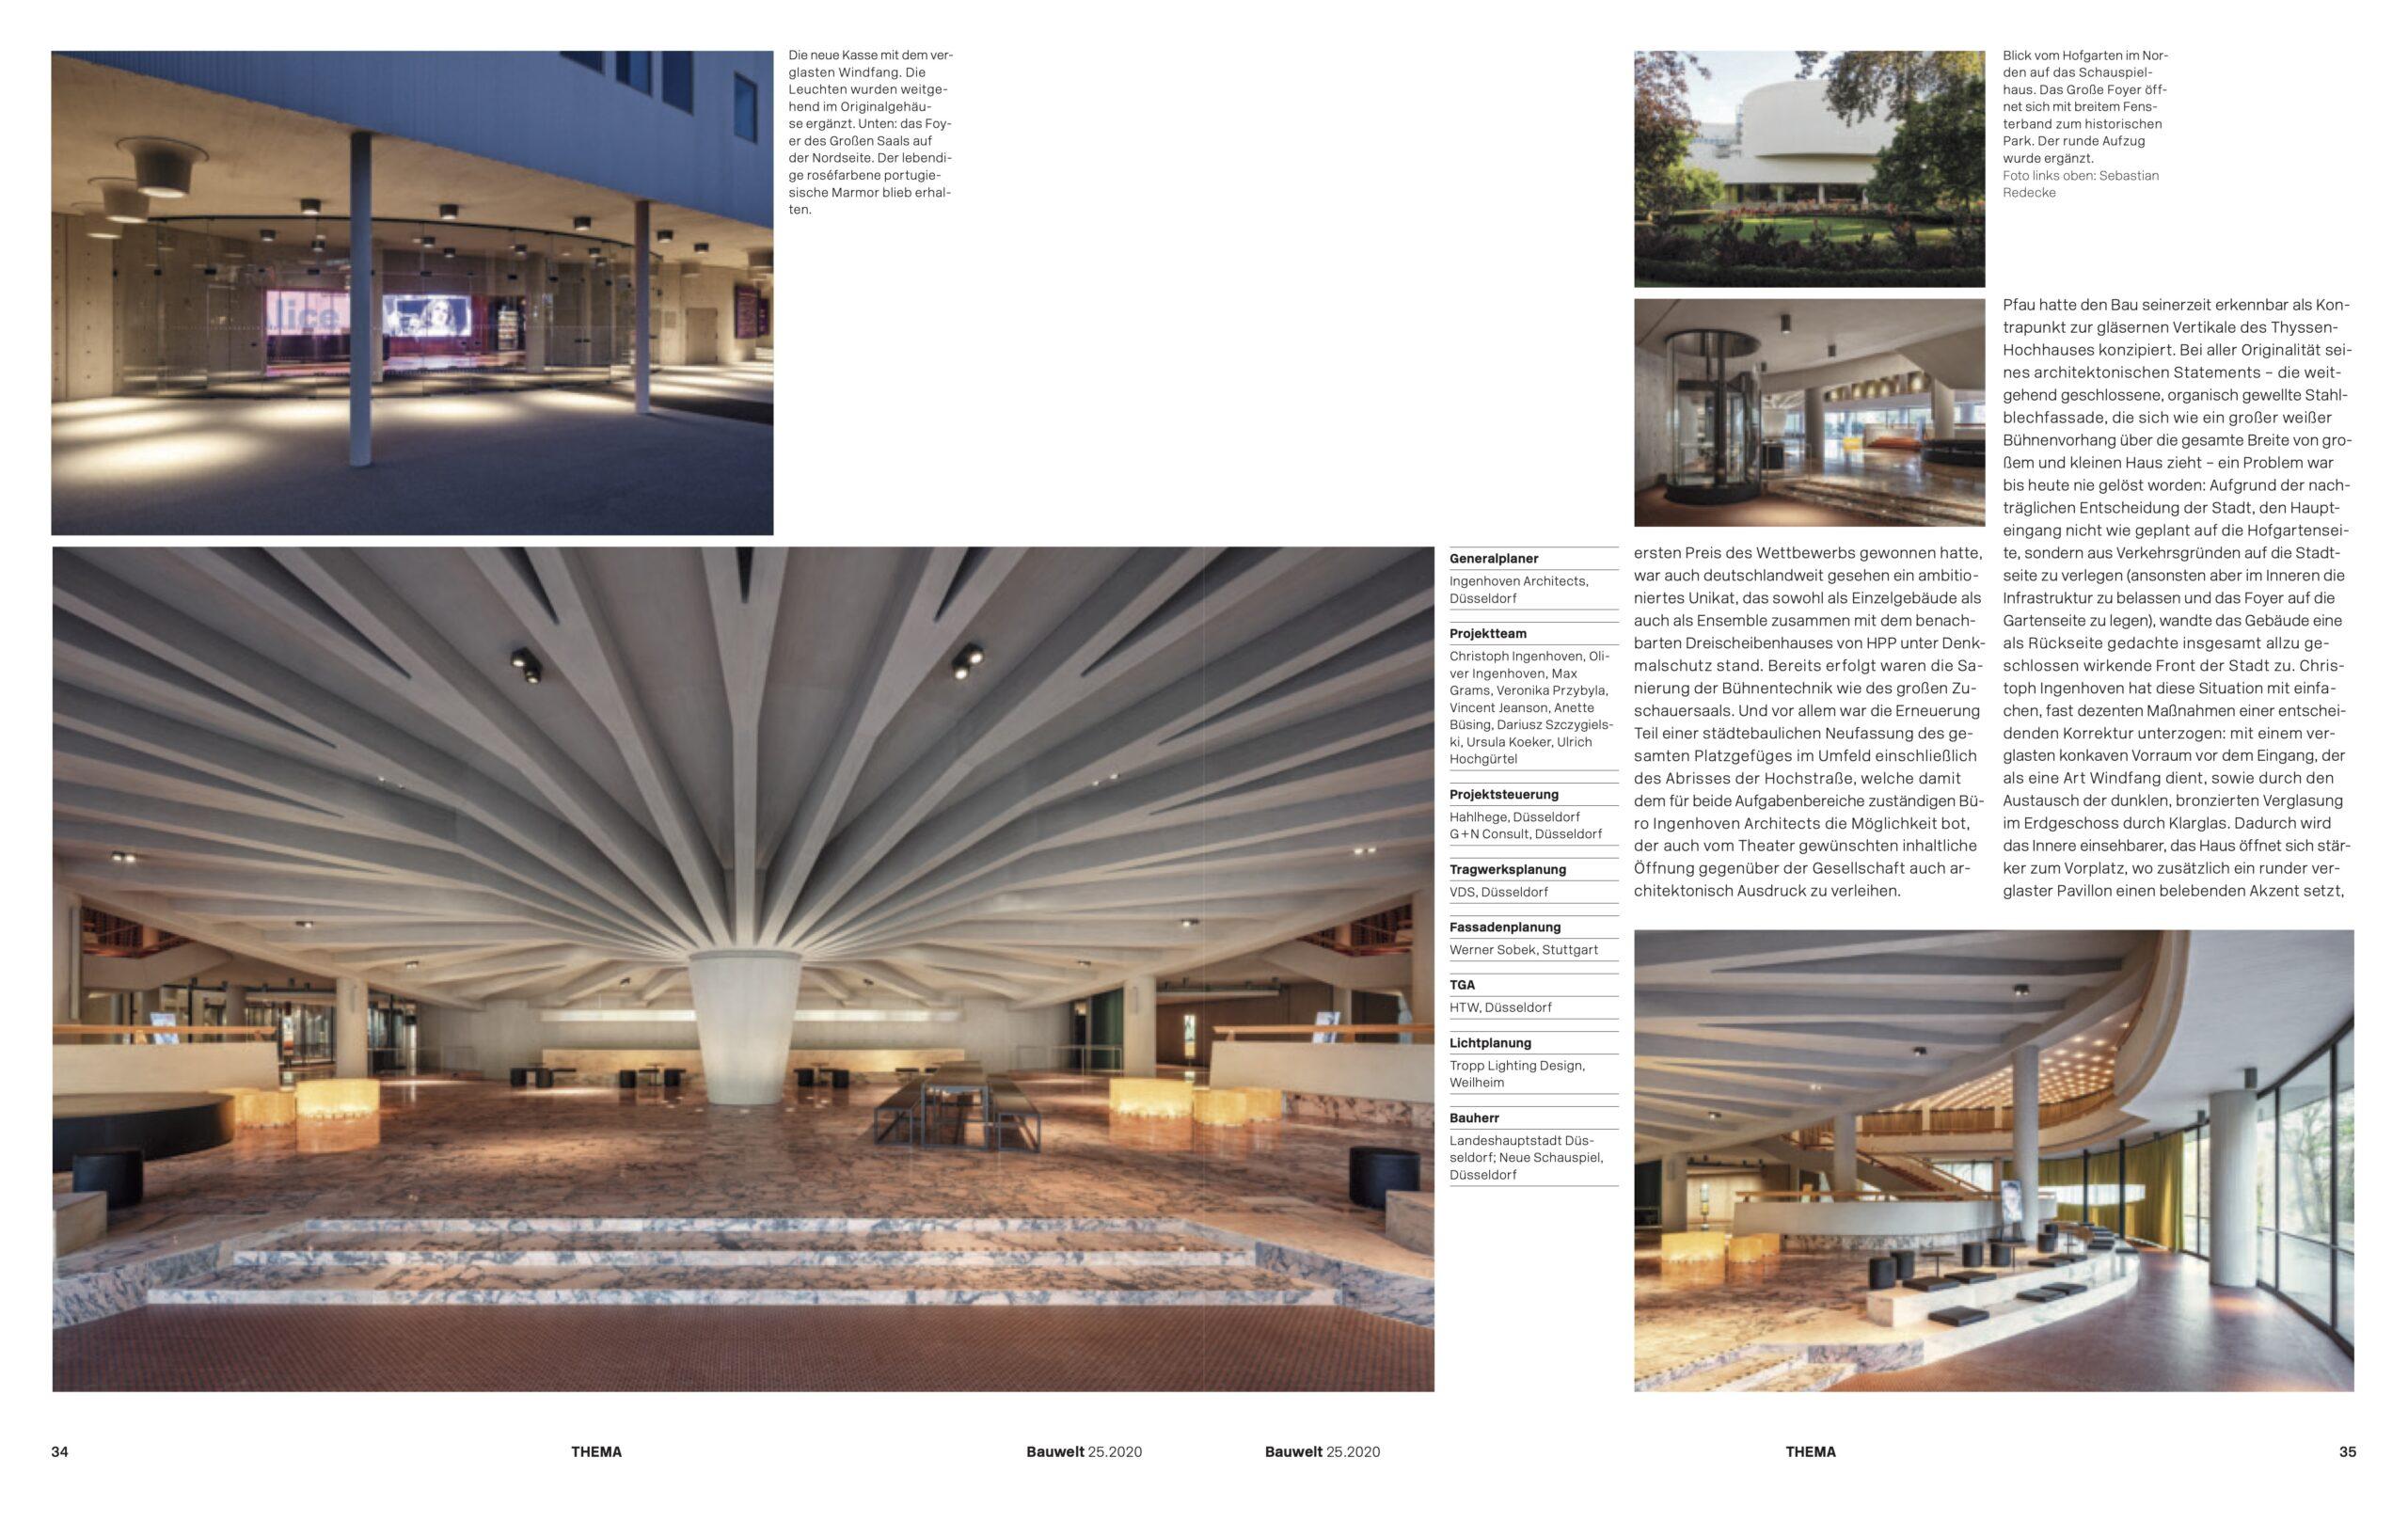 Bauwelt Düsseldorf 2020 Schauspielhaus Düsseldorf